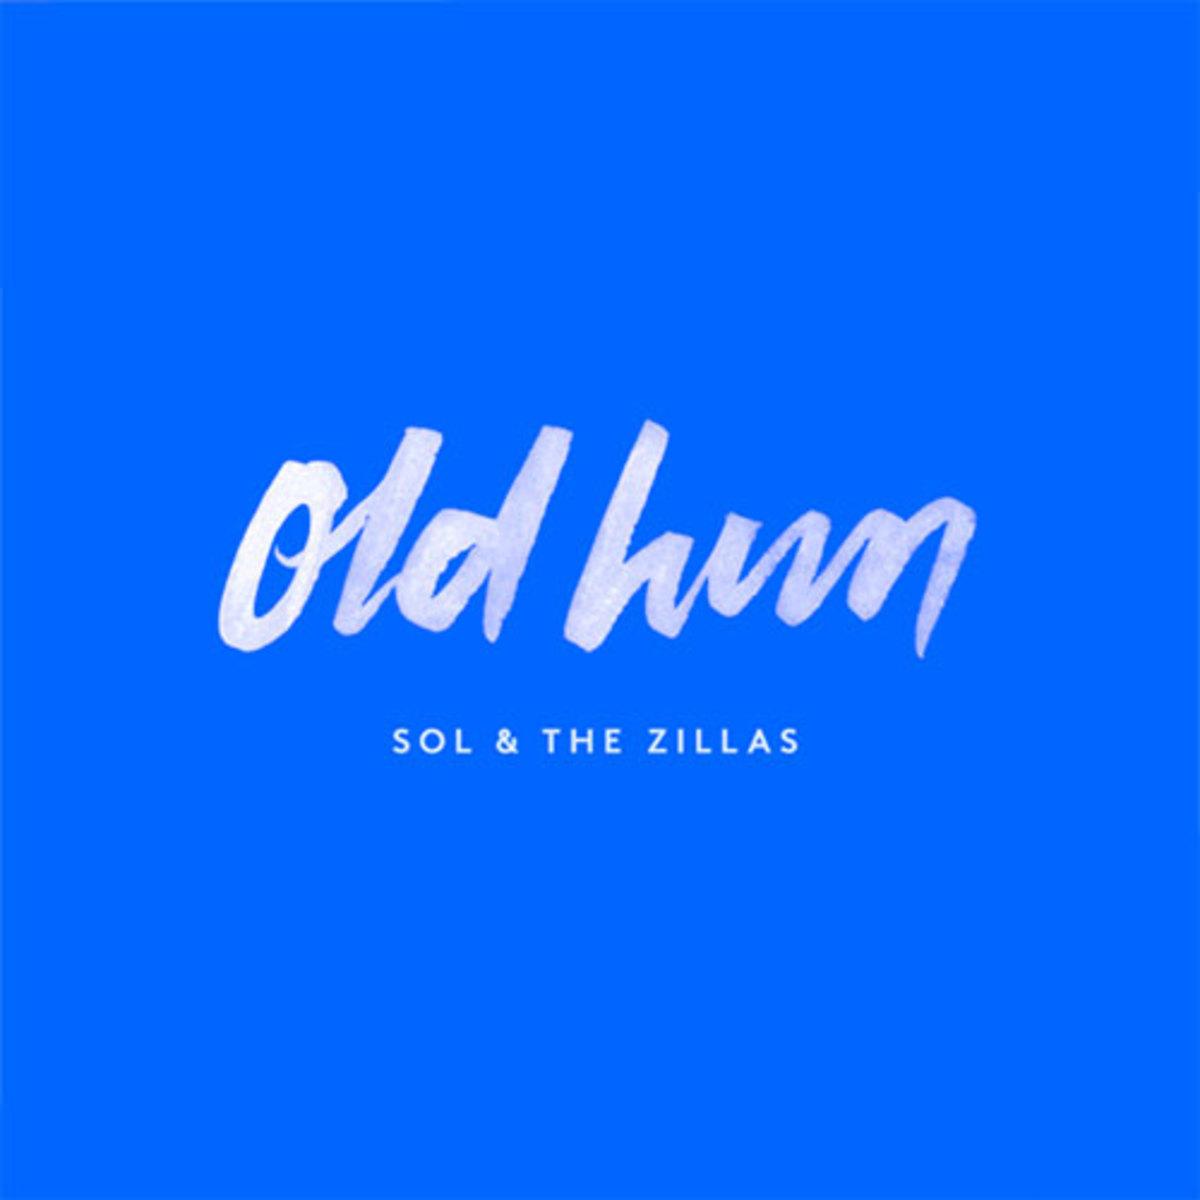 sol-oldhim.jpg